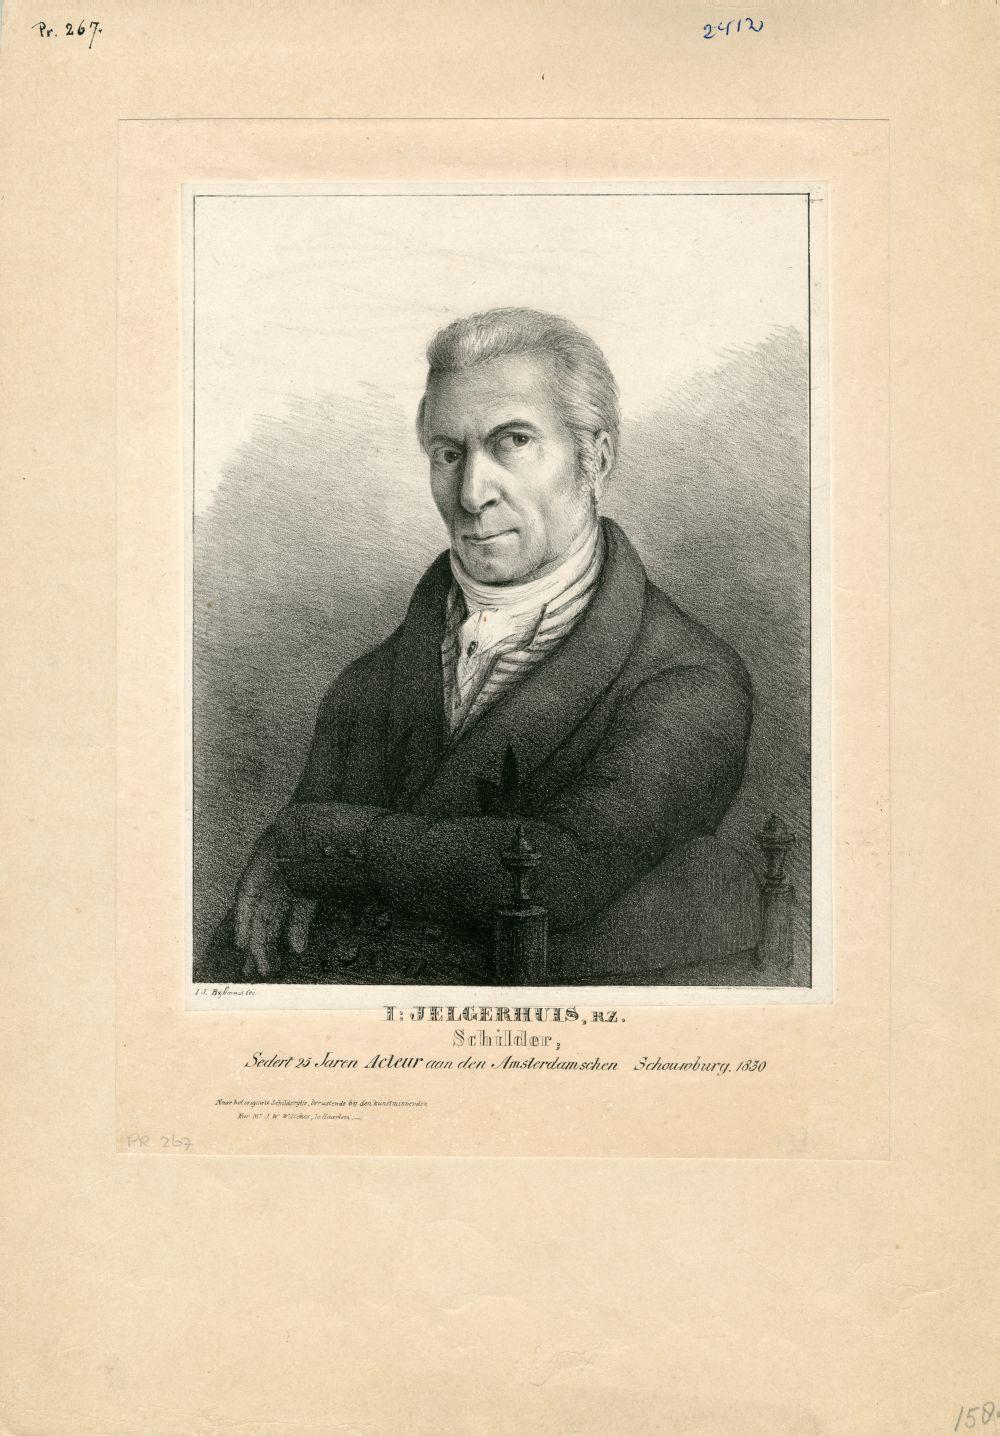 Portret van Johannes Jelgerhuis